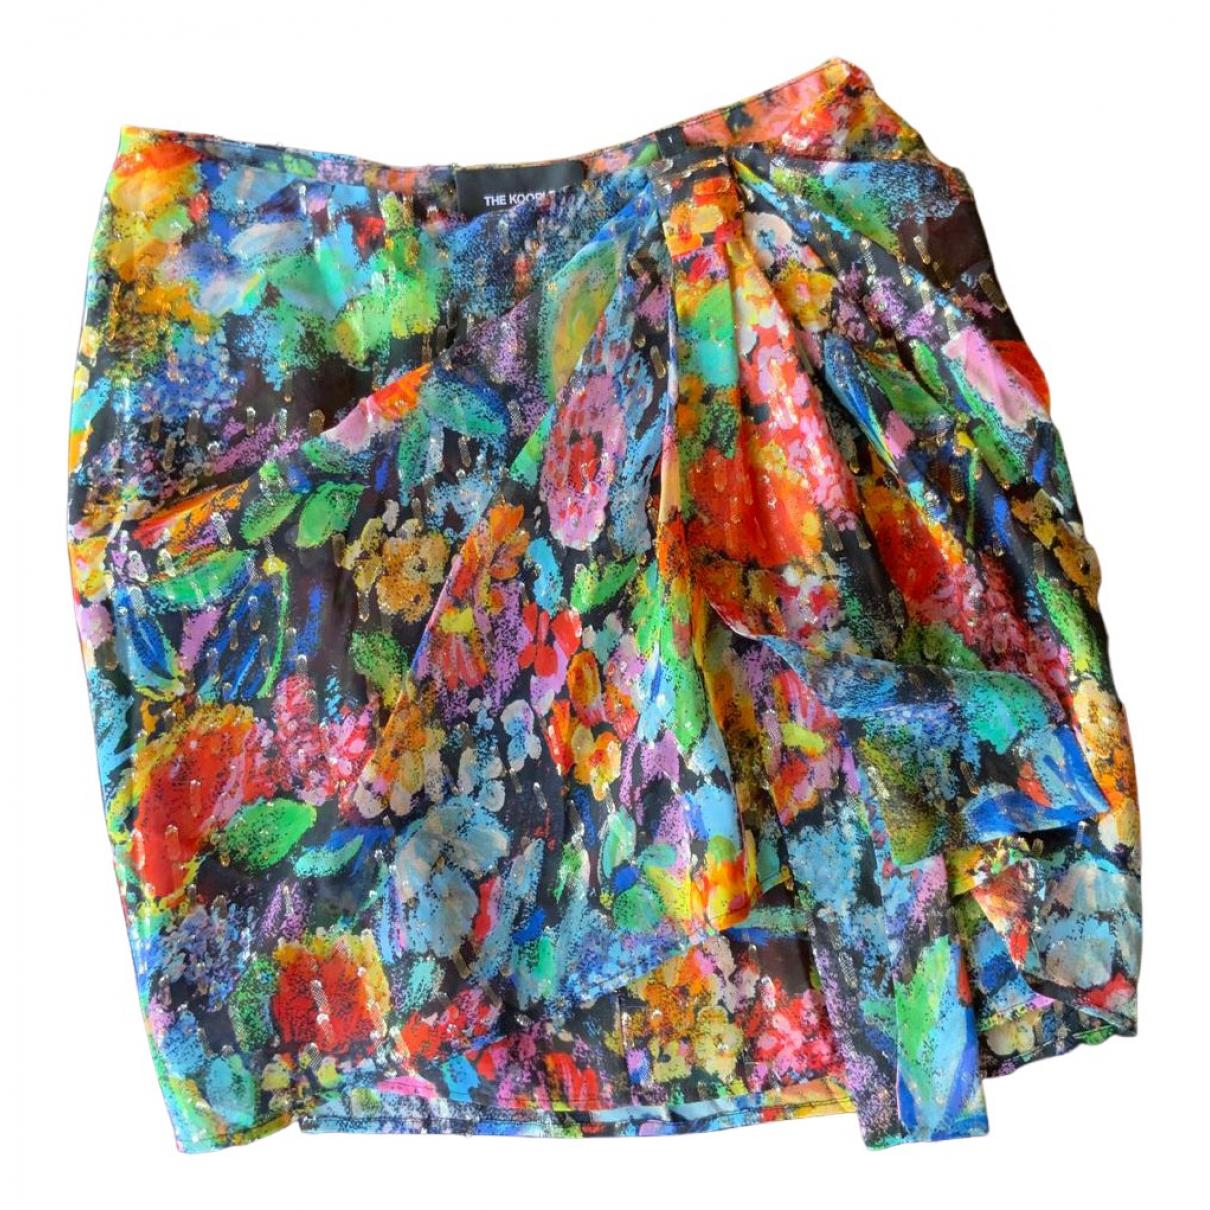 The Kooples Fall Winter 2019 Multicolour Silk skirt for Women 1 0-5